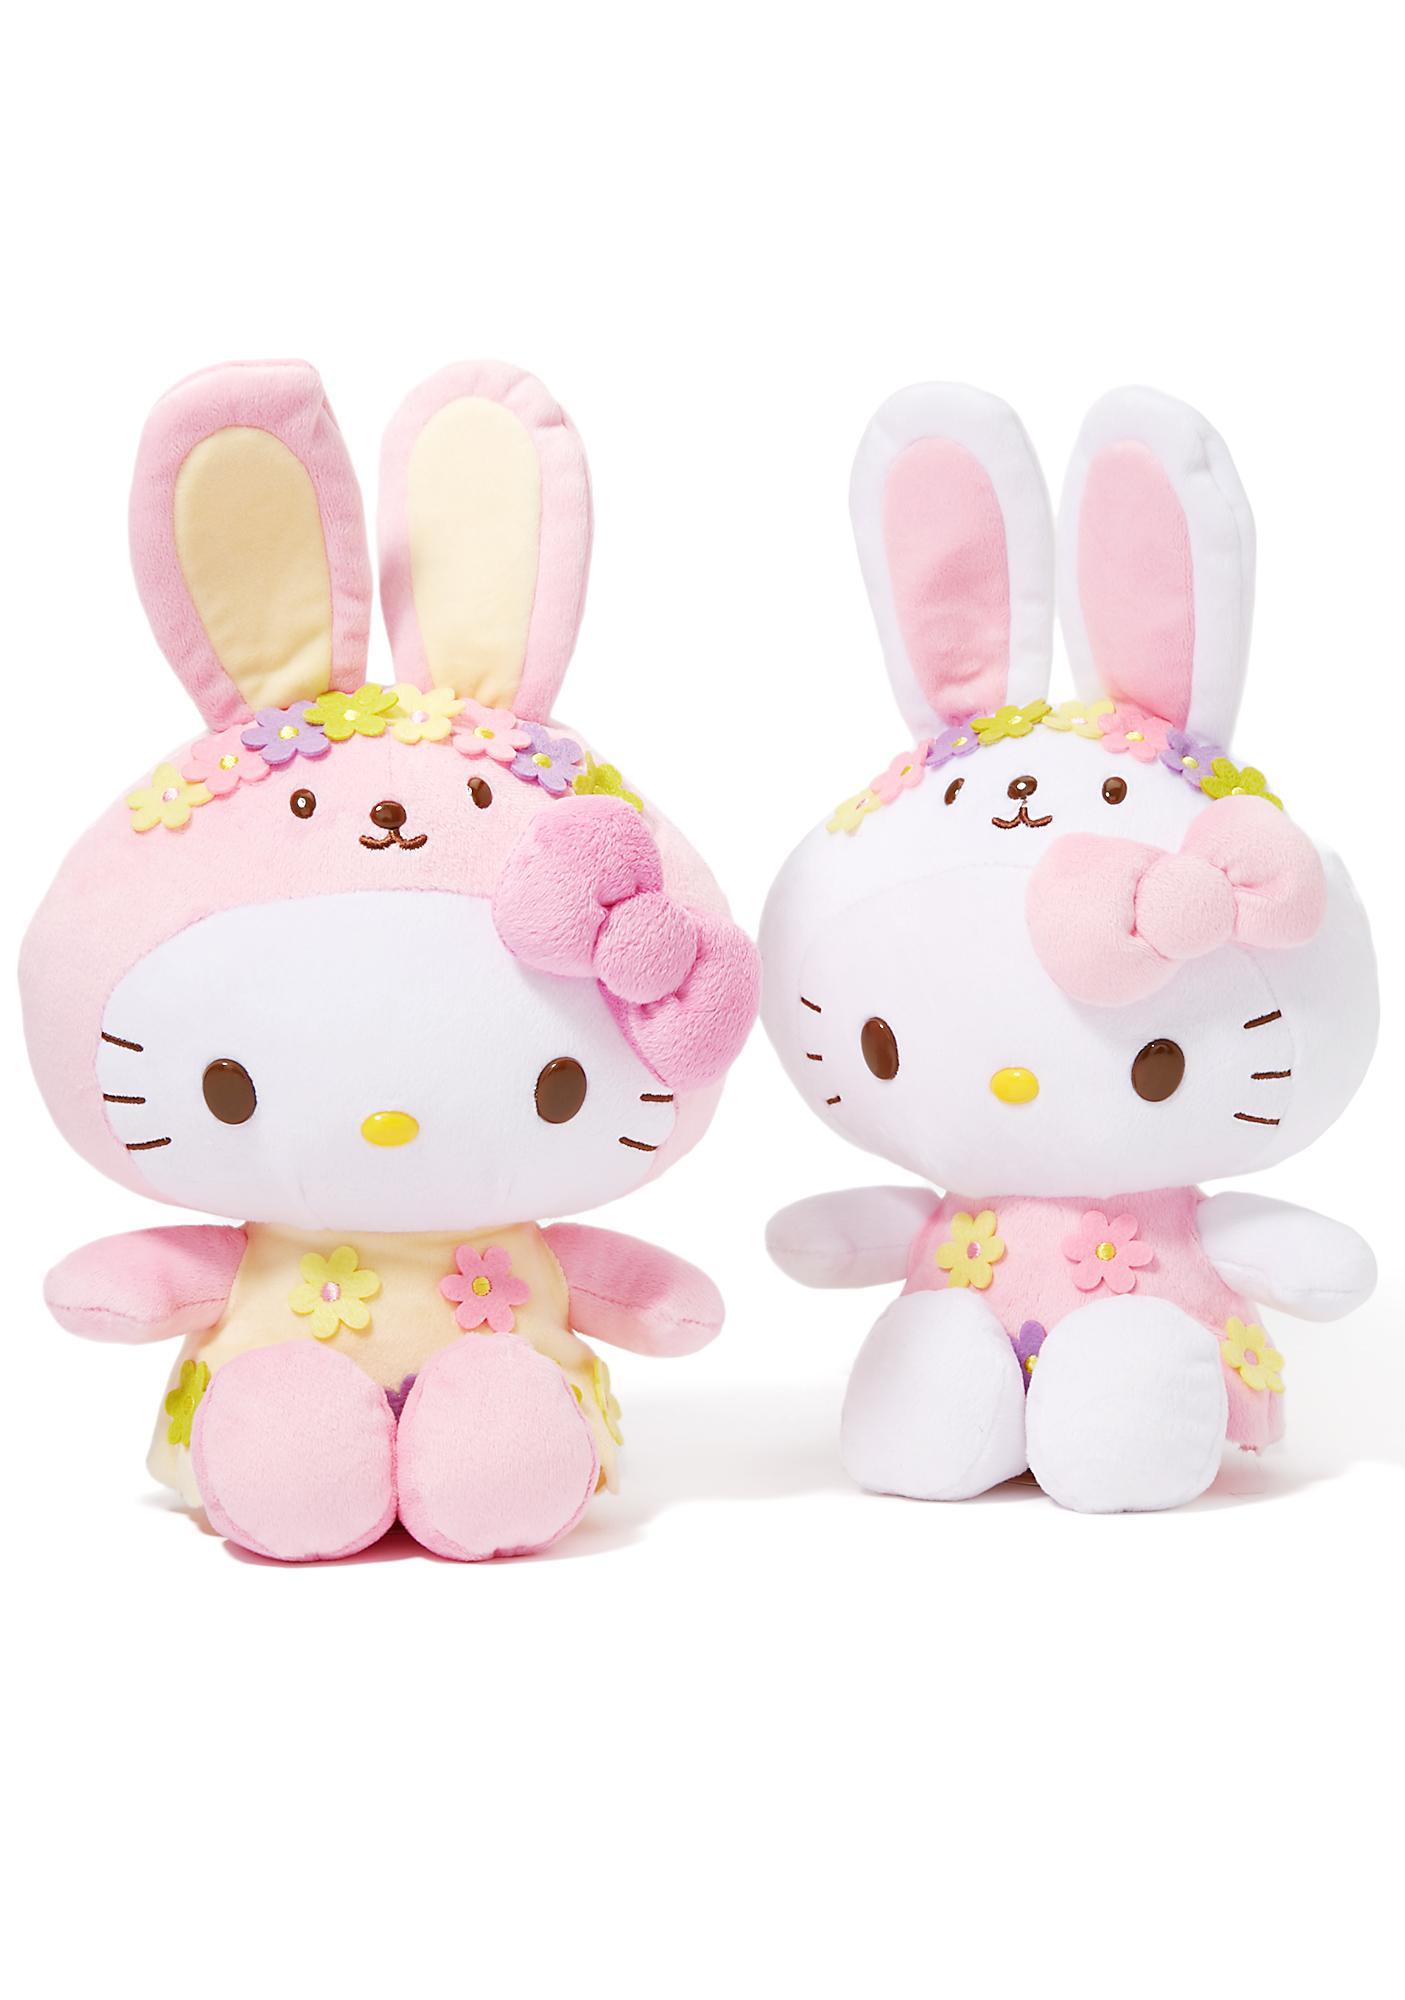 Sanrio Hello Kitty Bunny Plush Set